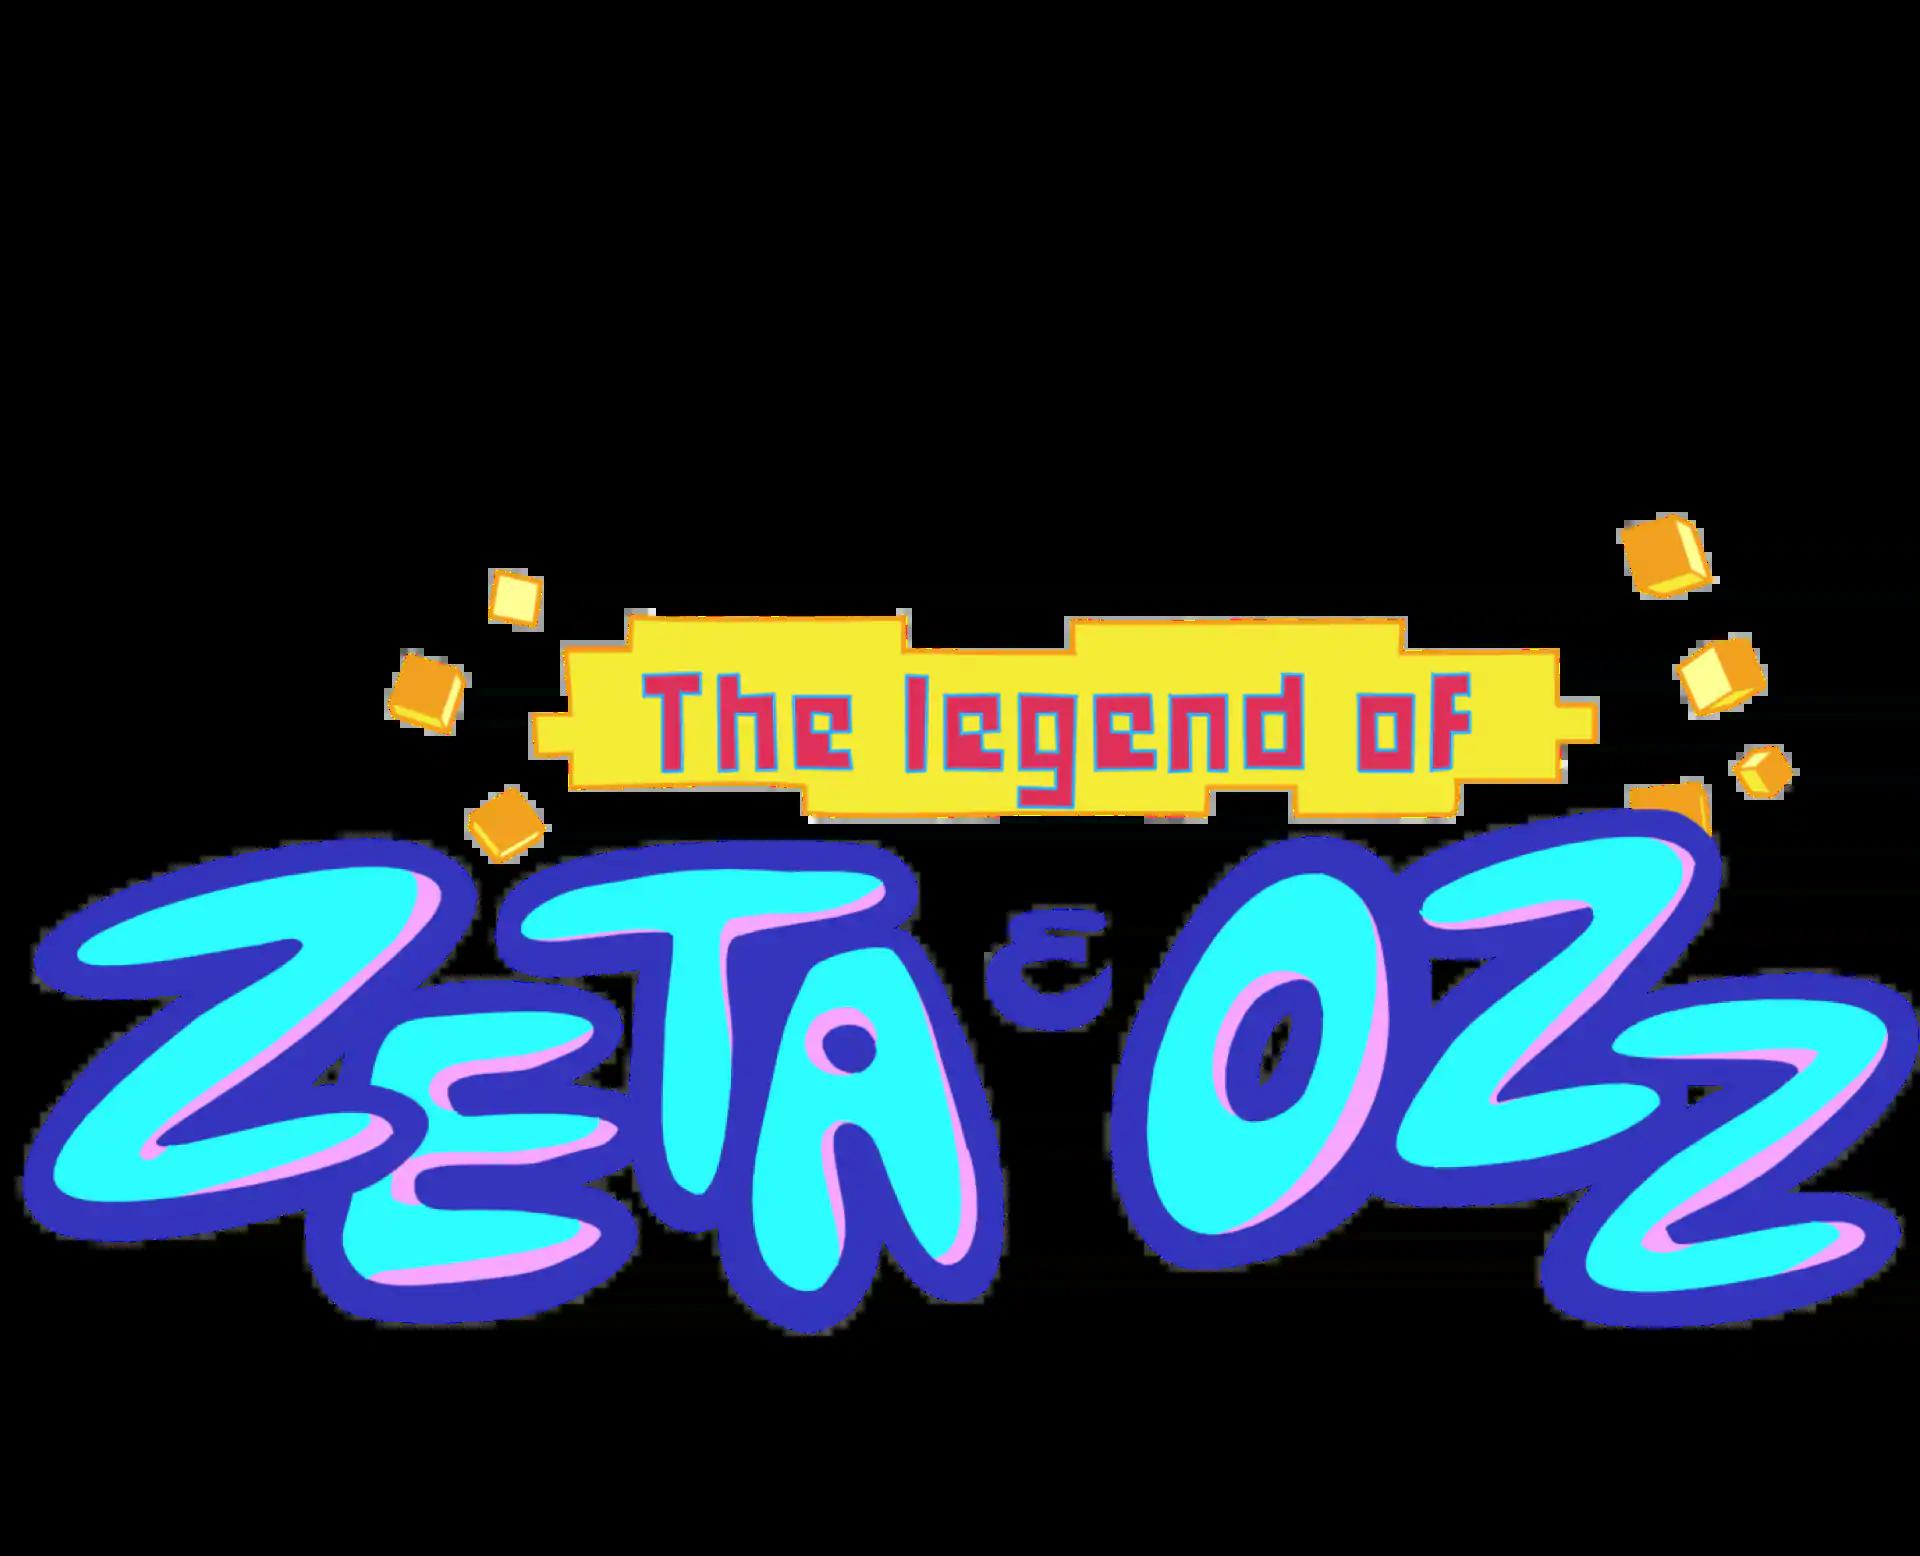 La Leyenda de Zeta y Ozz